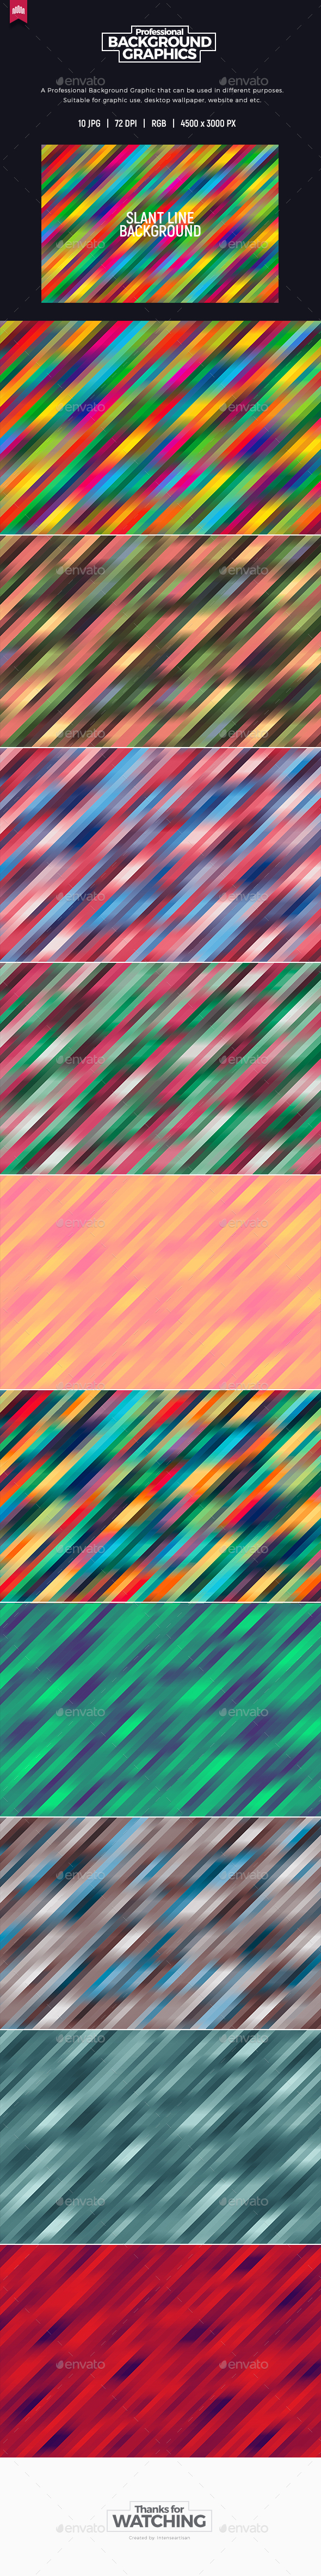 Slant Lines Background - Patterns Backgrounds